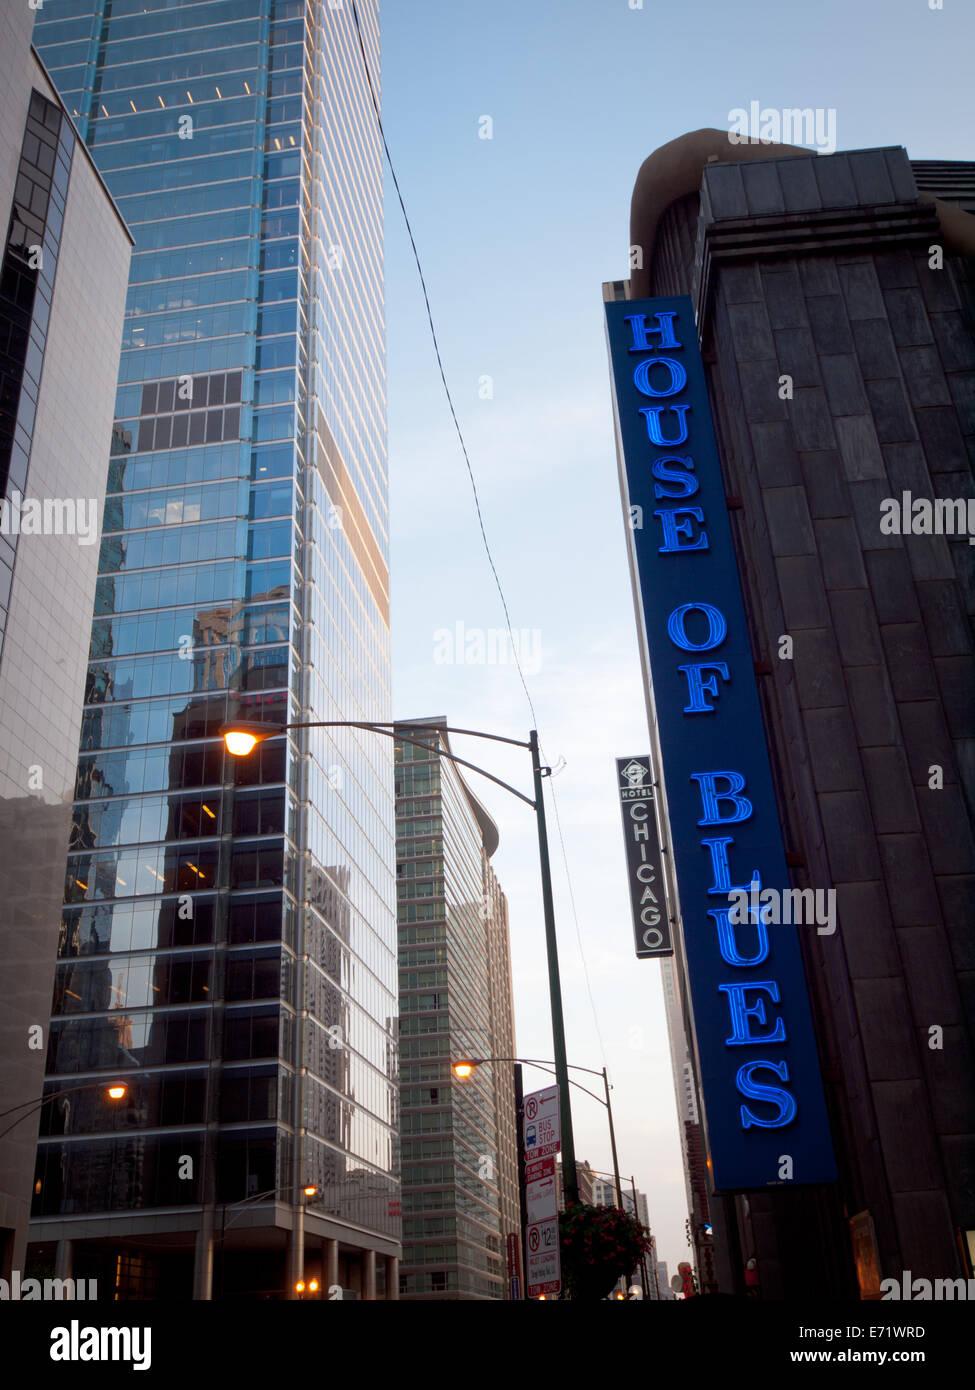 Una vista del signo externo de la House of Blues en North Dearborn Street en Chicago, Illinois. Imagen De Stock